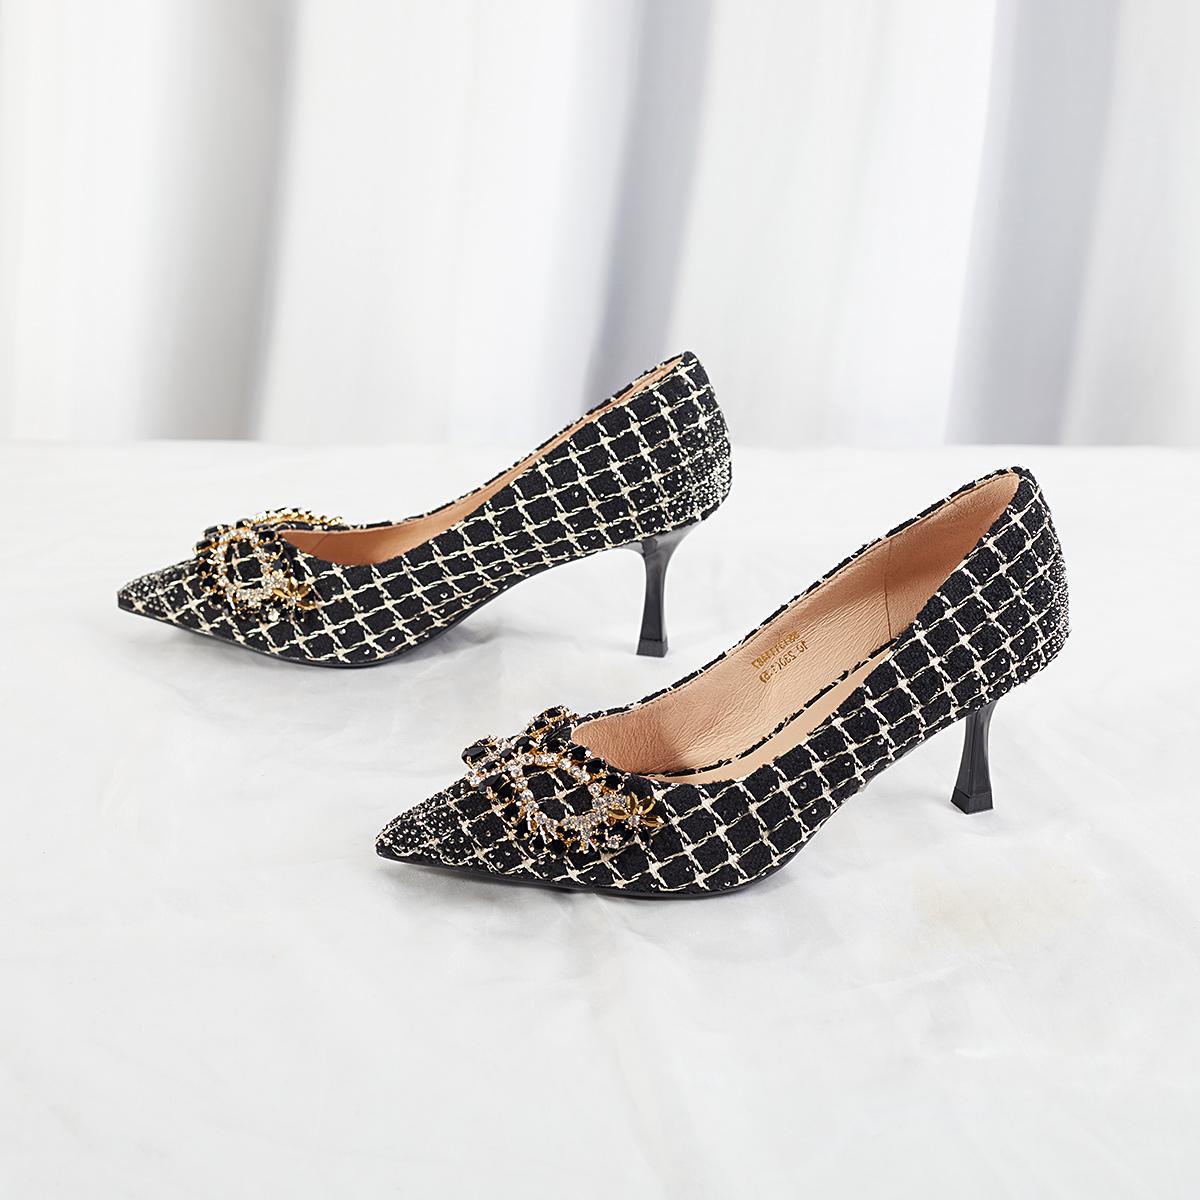 SS13111487 秋季新尖头细跟水钻装饰淑女风女鞋 2021 星期六假面单鞋